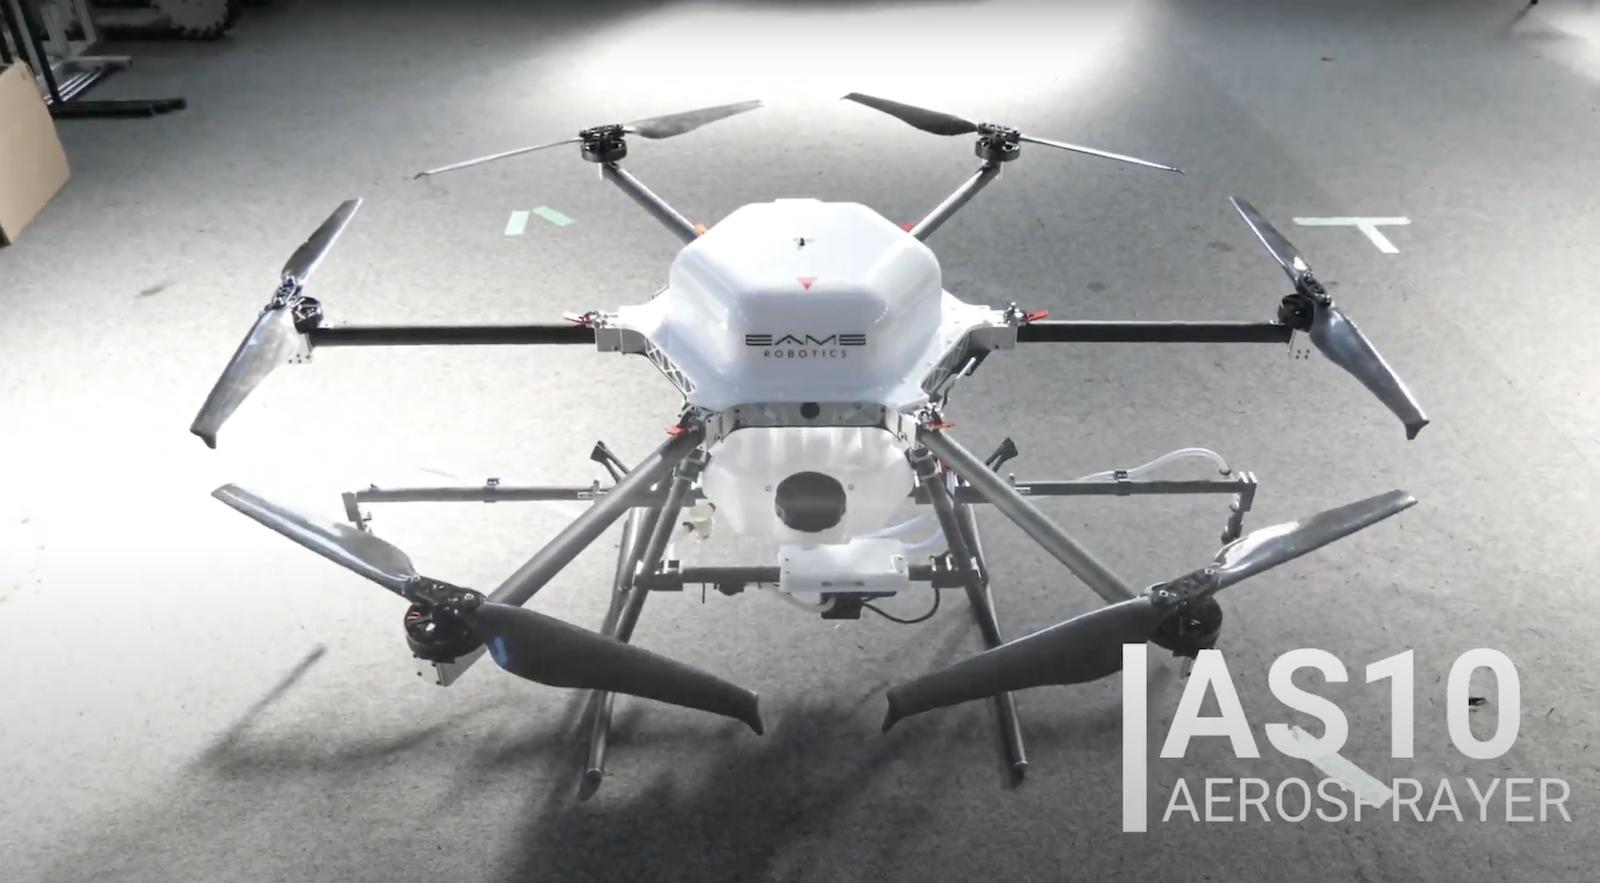 日農業無人機採用 NTRIP 技術 可執行厘米級精細噴灑工作